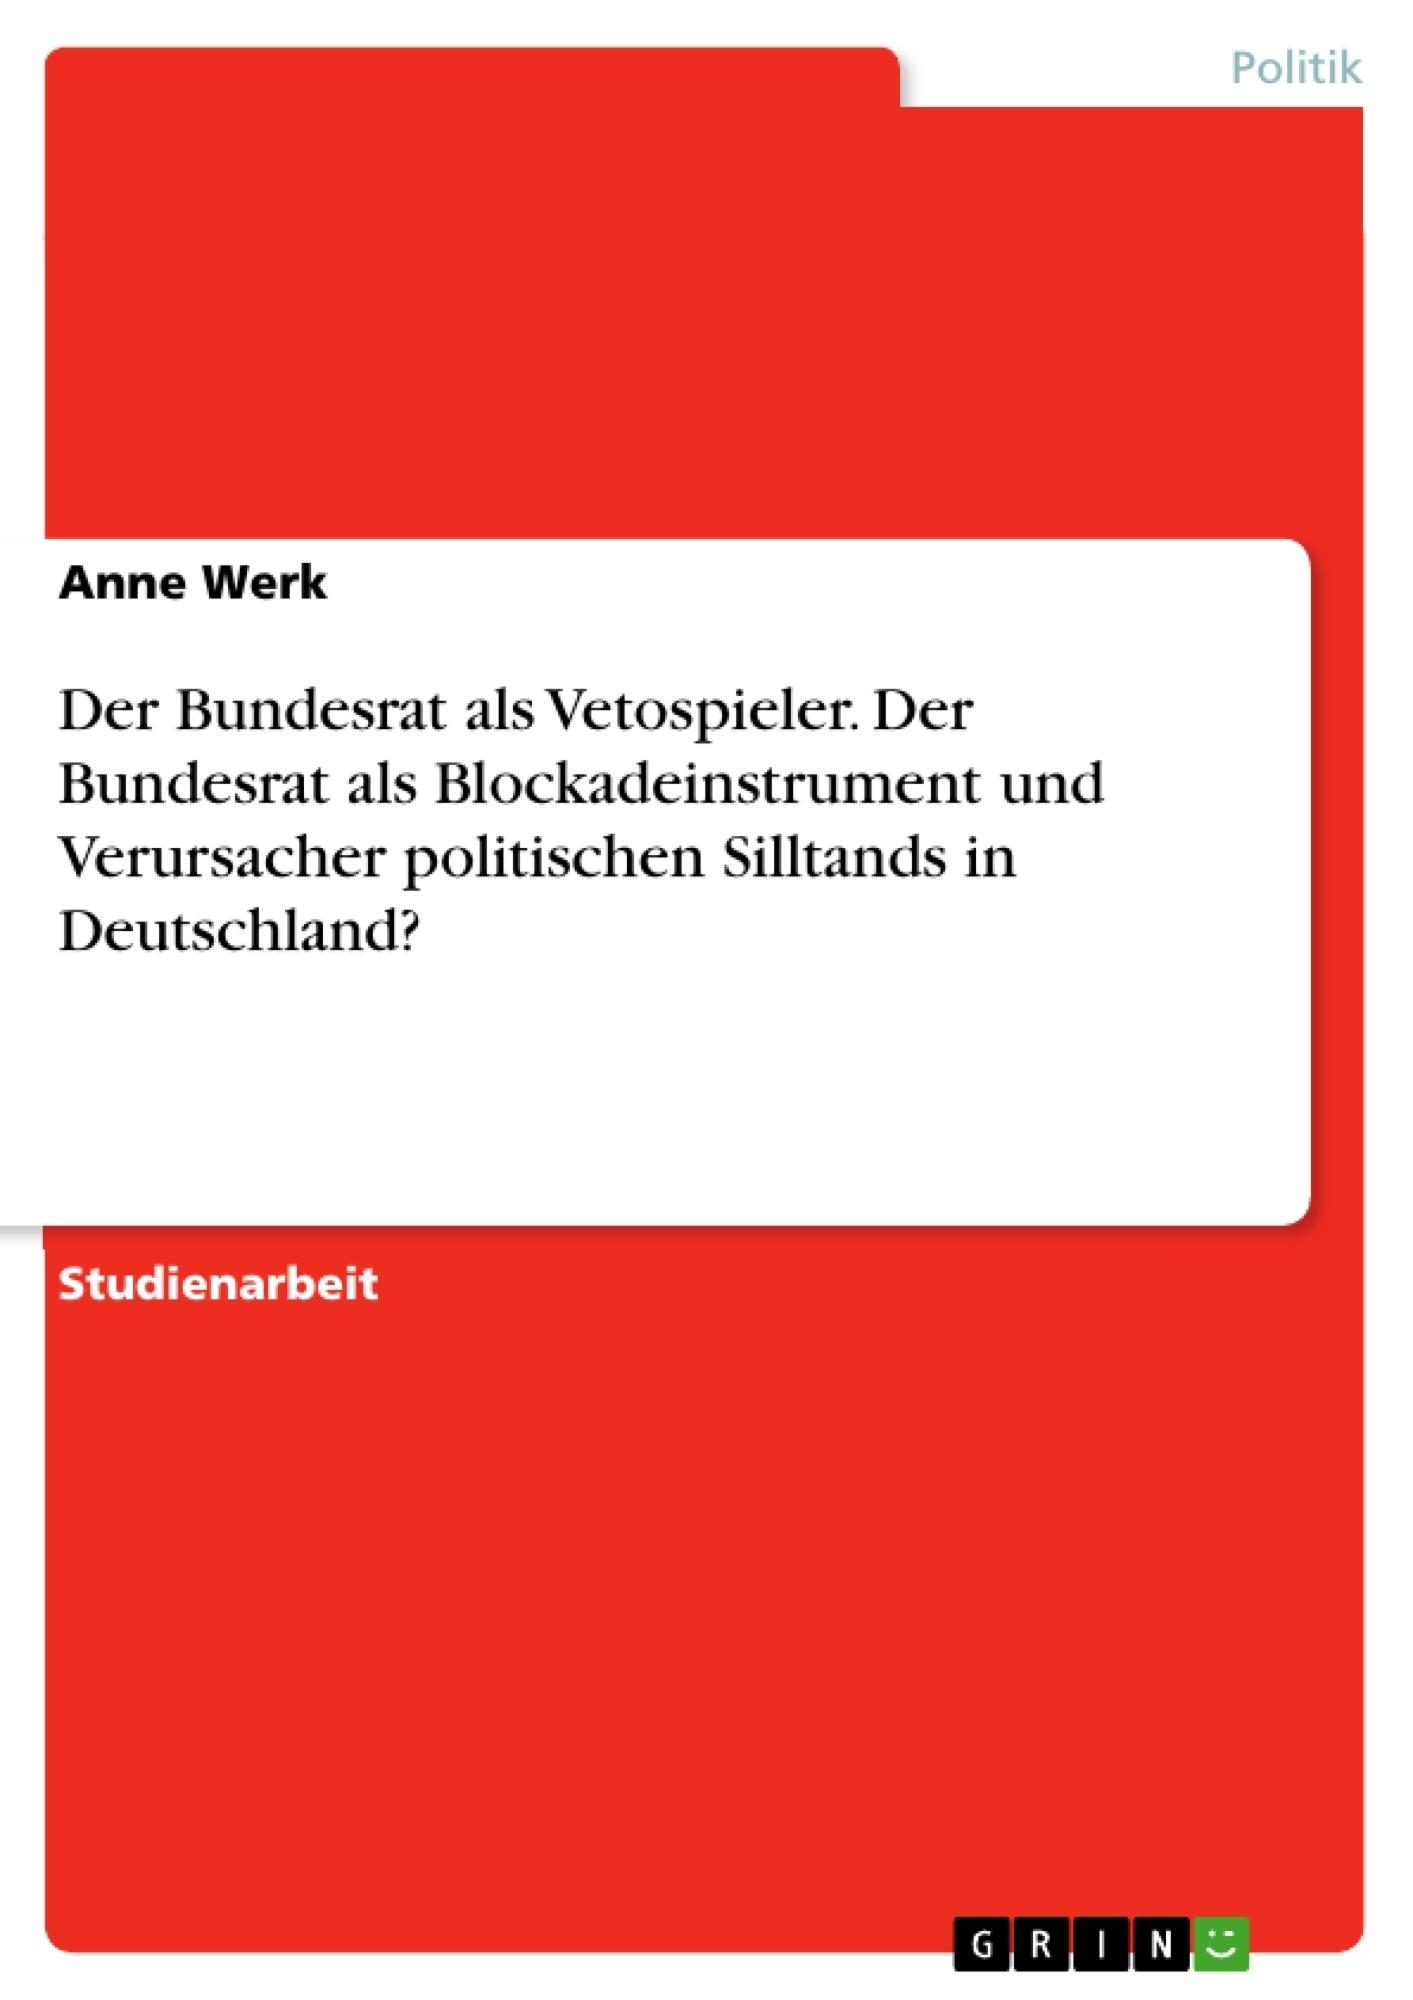 Titel: Der Bundesrat als Vetospieler. Der Bundesrat als Blockadeinstrument und Verursacher politischen Silltands in Deutschland?